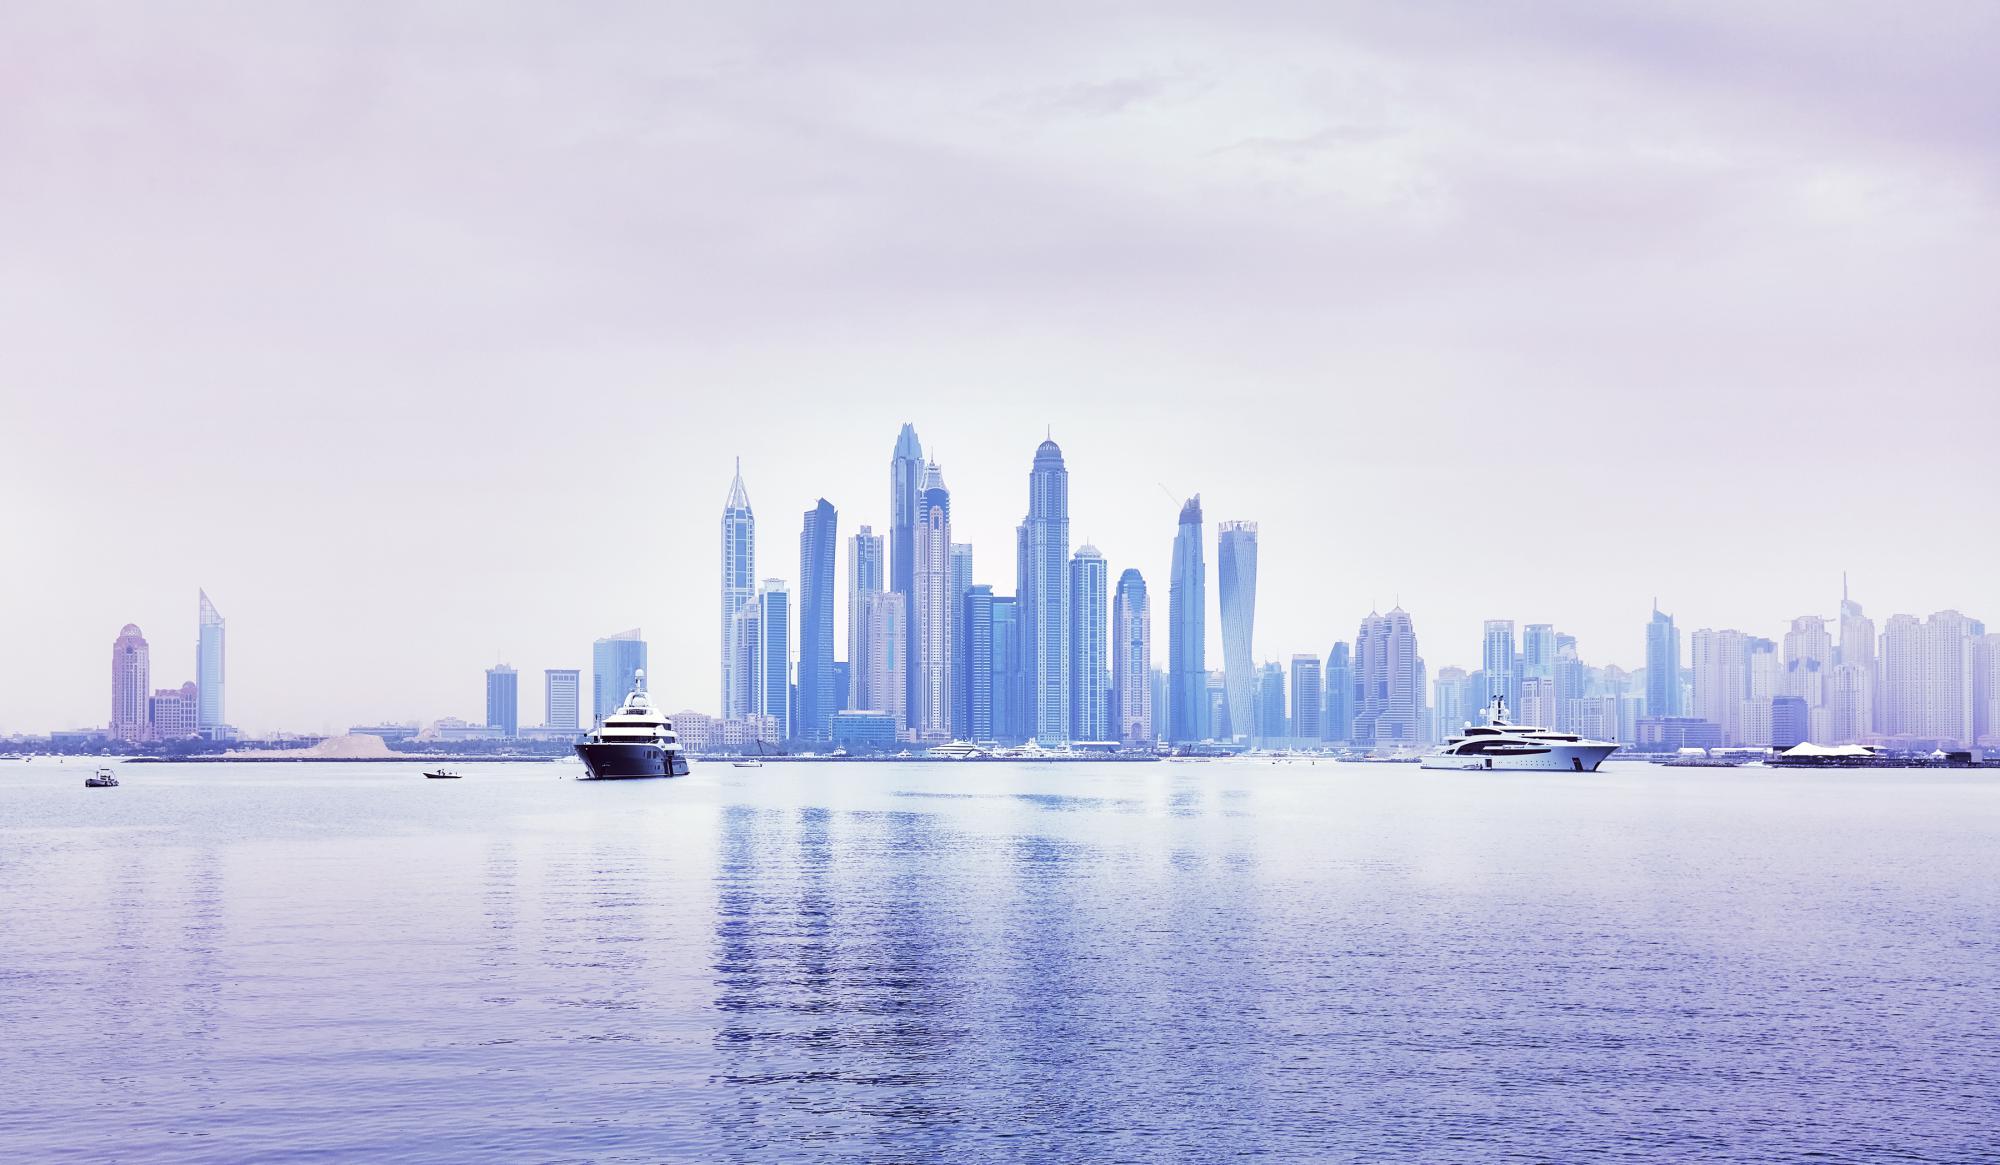 Президент утвердил соглашение с ОАЭ об избежании двойного налогообложения